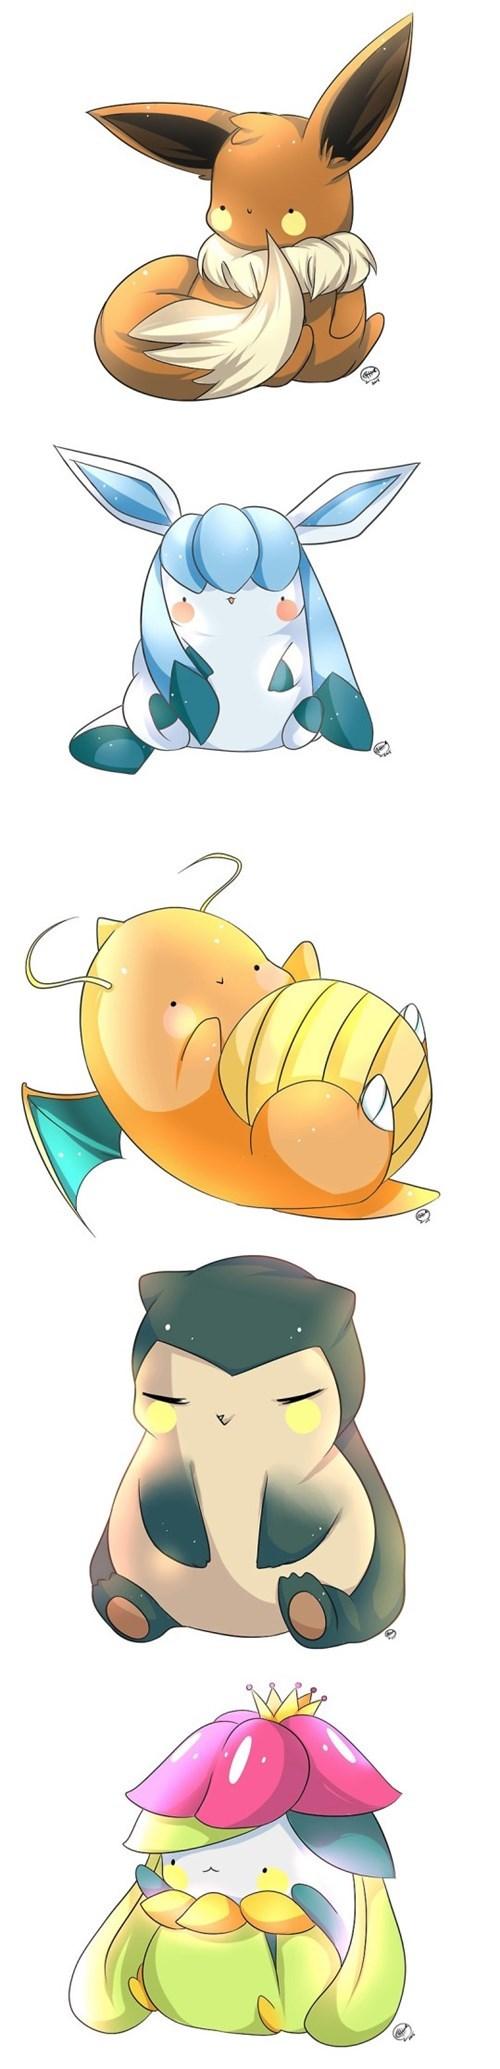 Pokémon Fan Art cute - 8511803648